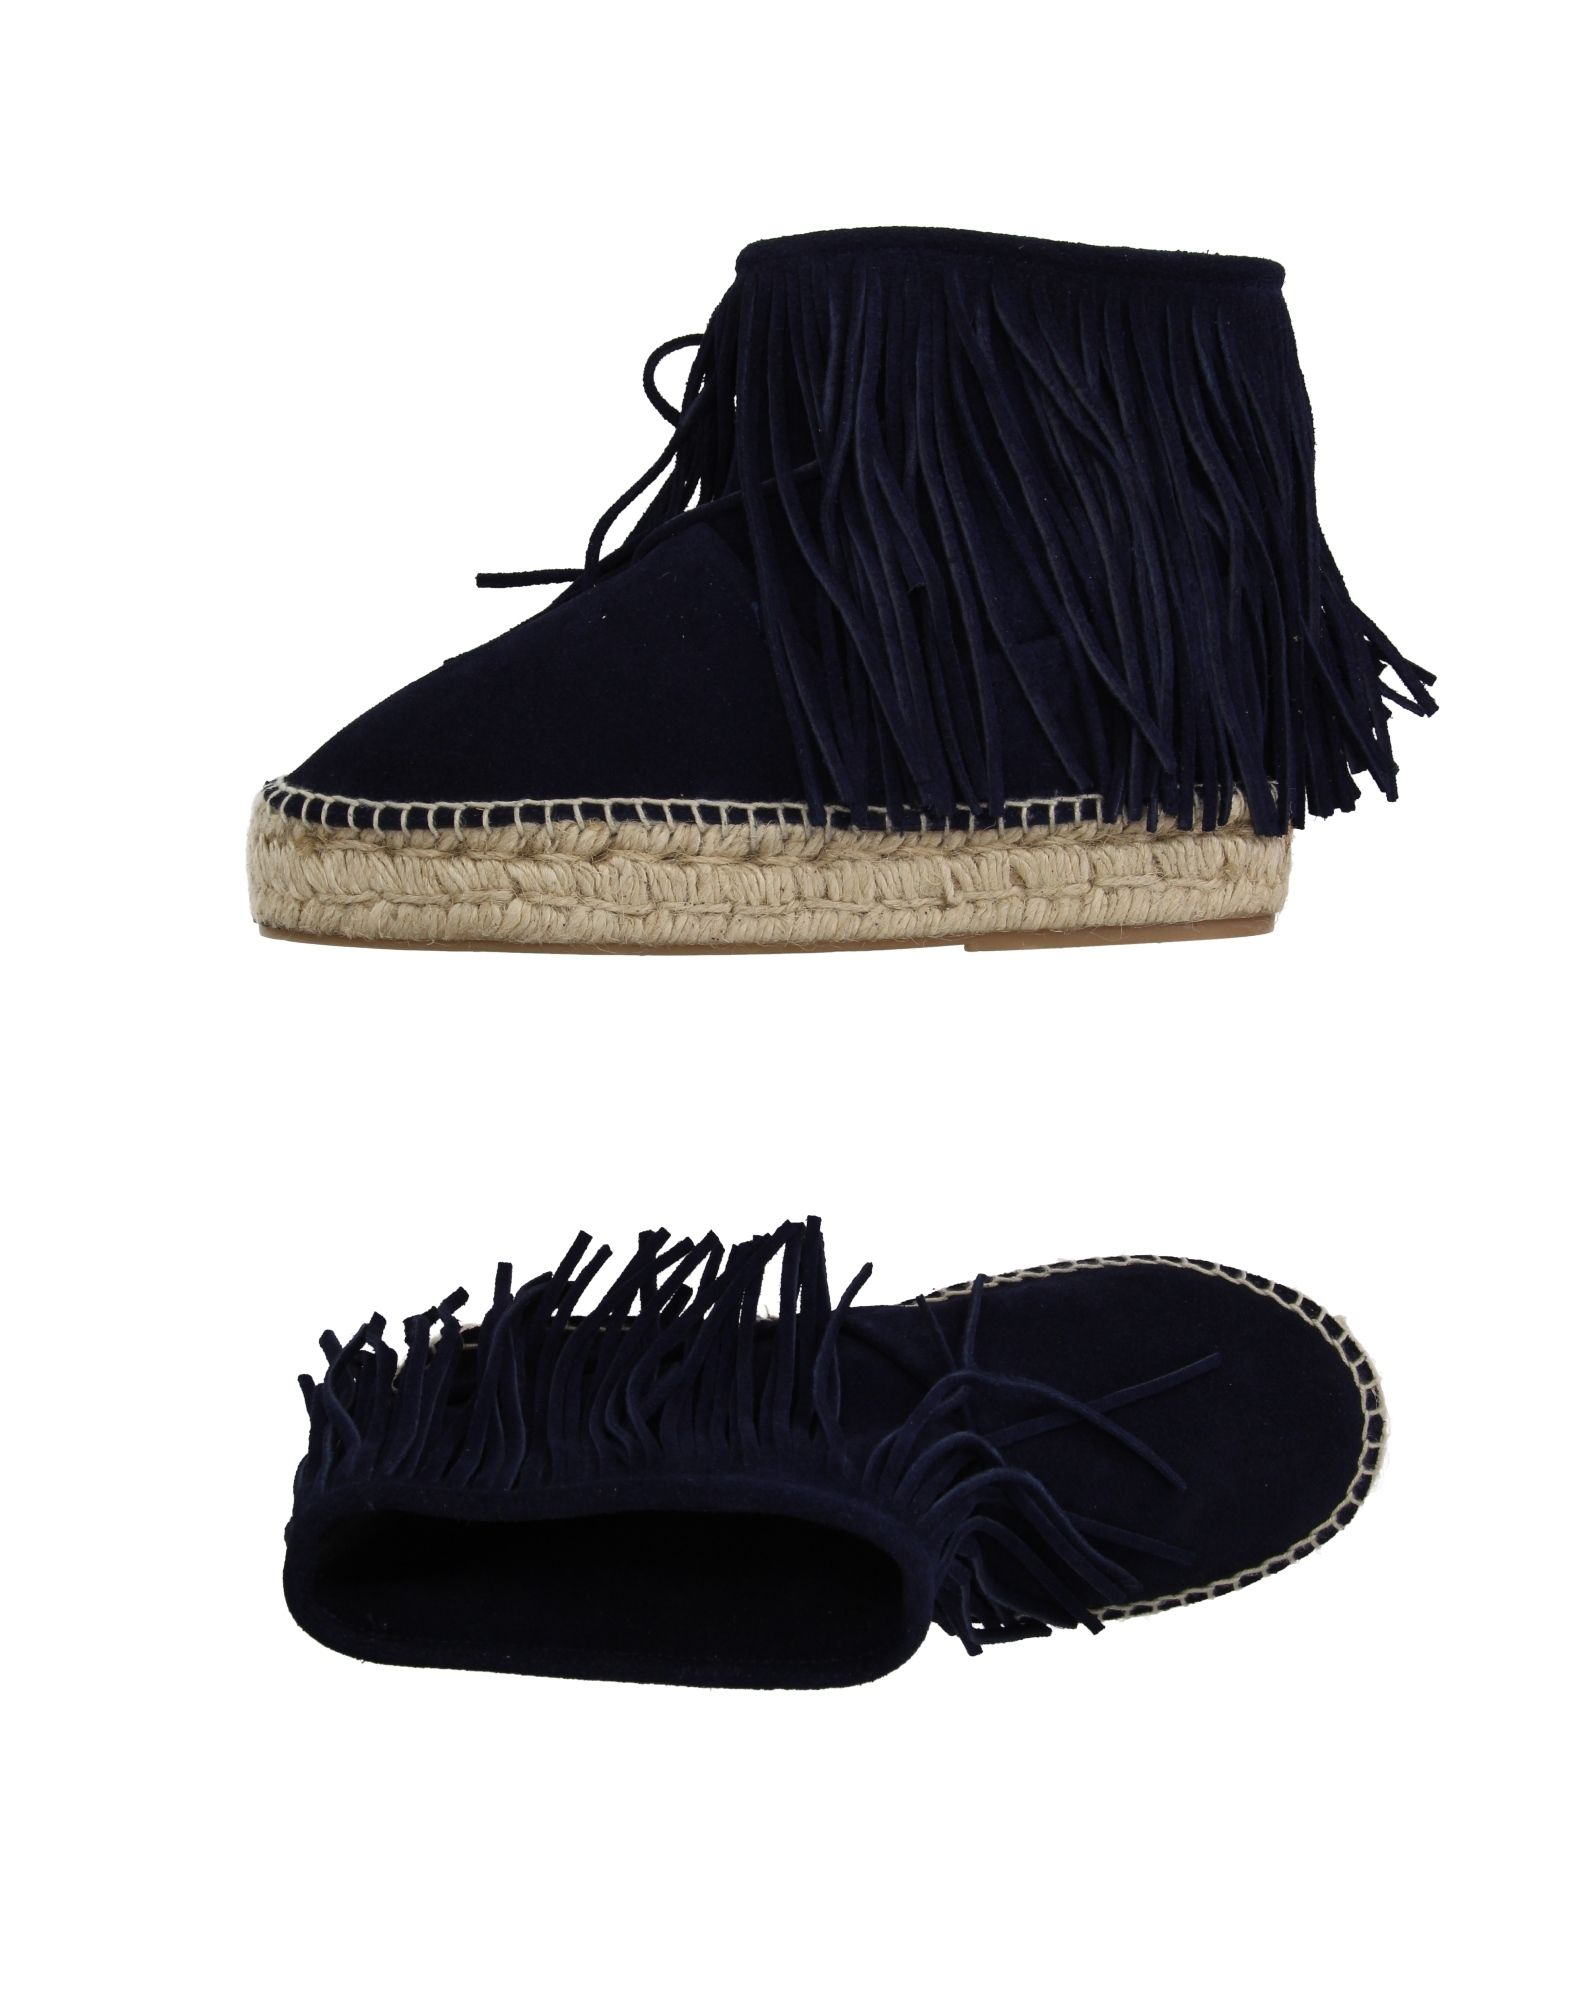 Seek Stiefelette Damen  11193188QI Gute Qualität beliebte Schuhe